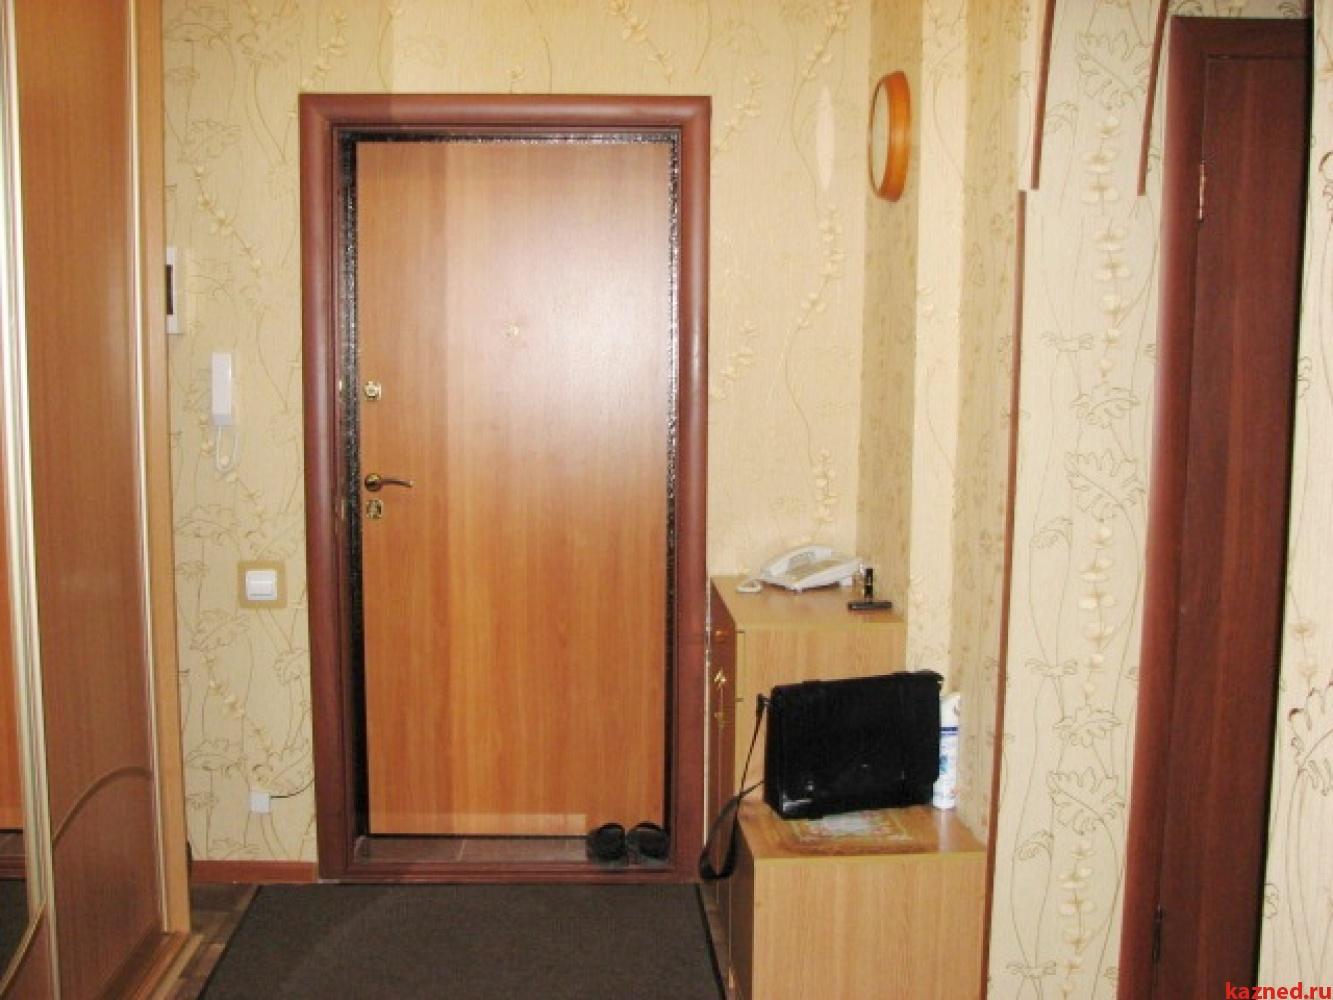 Продажа 2-к квартиры Альберта Камалеева,16, 54 м² (миниатюра №2)